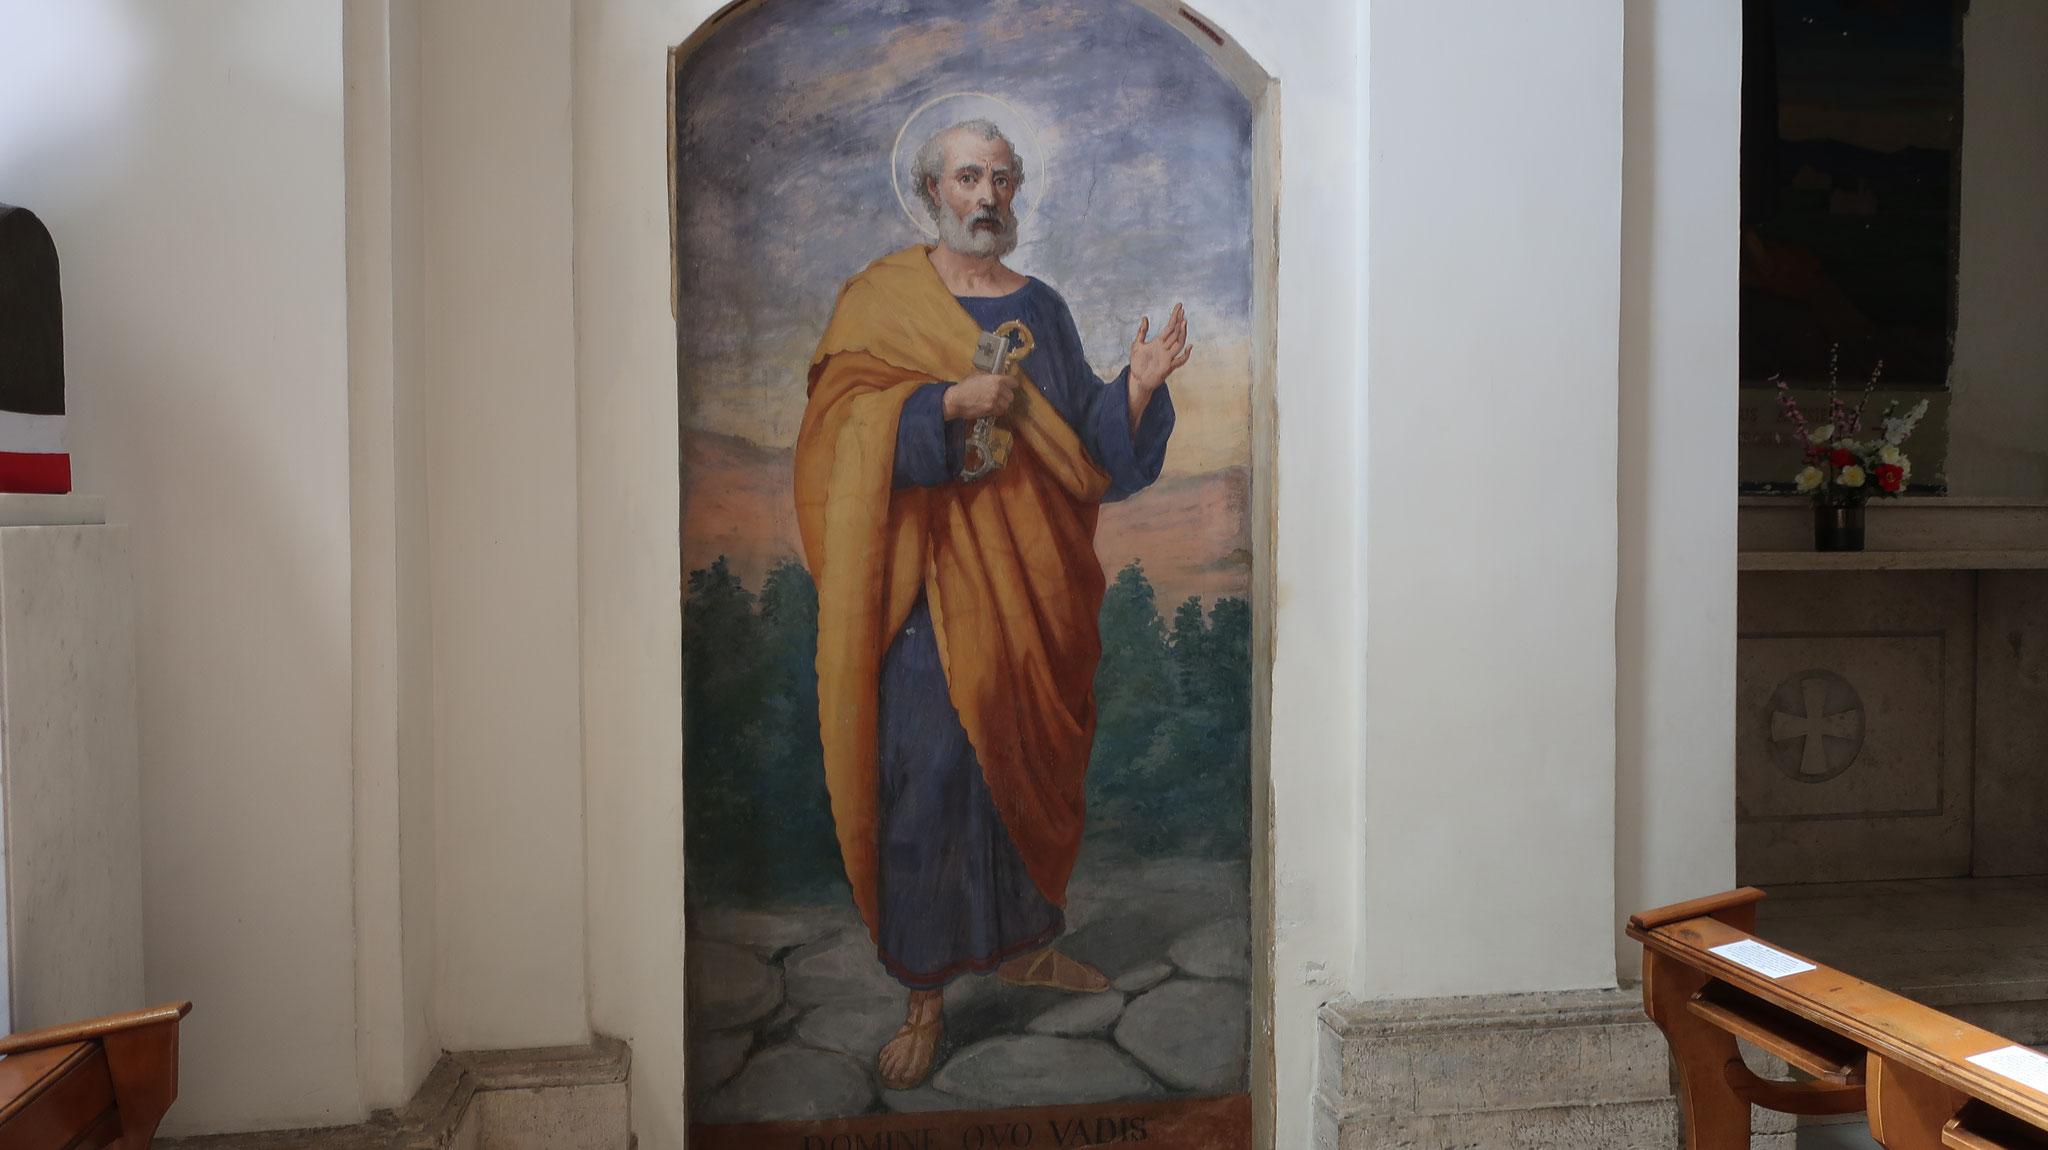 皇帝ネロによるキリスト教弾圧のため、ローマから逃げ出したペトロは、ここでイエスに遭遇しました。そして、「ドミネ、クォ・ウァディス?」(主よ、どこへ行くのですか?)と尋ねました。